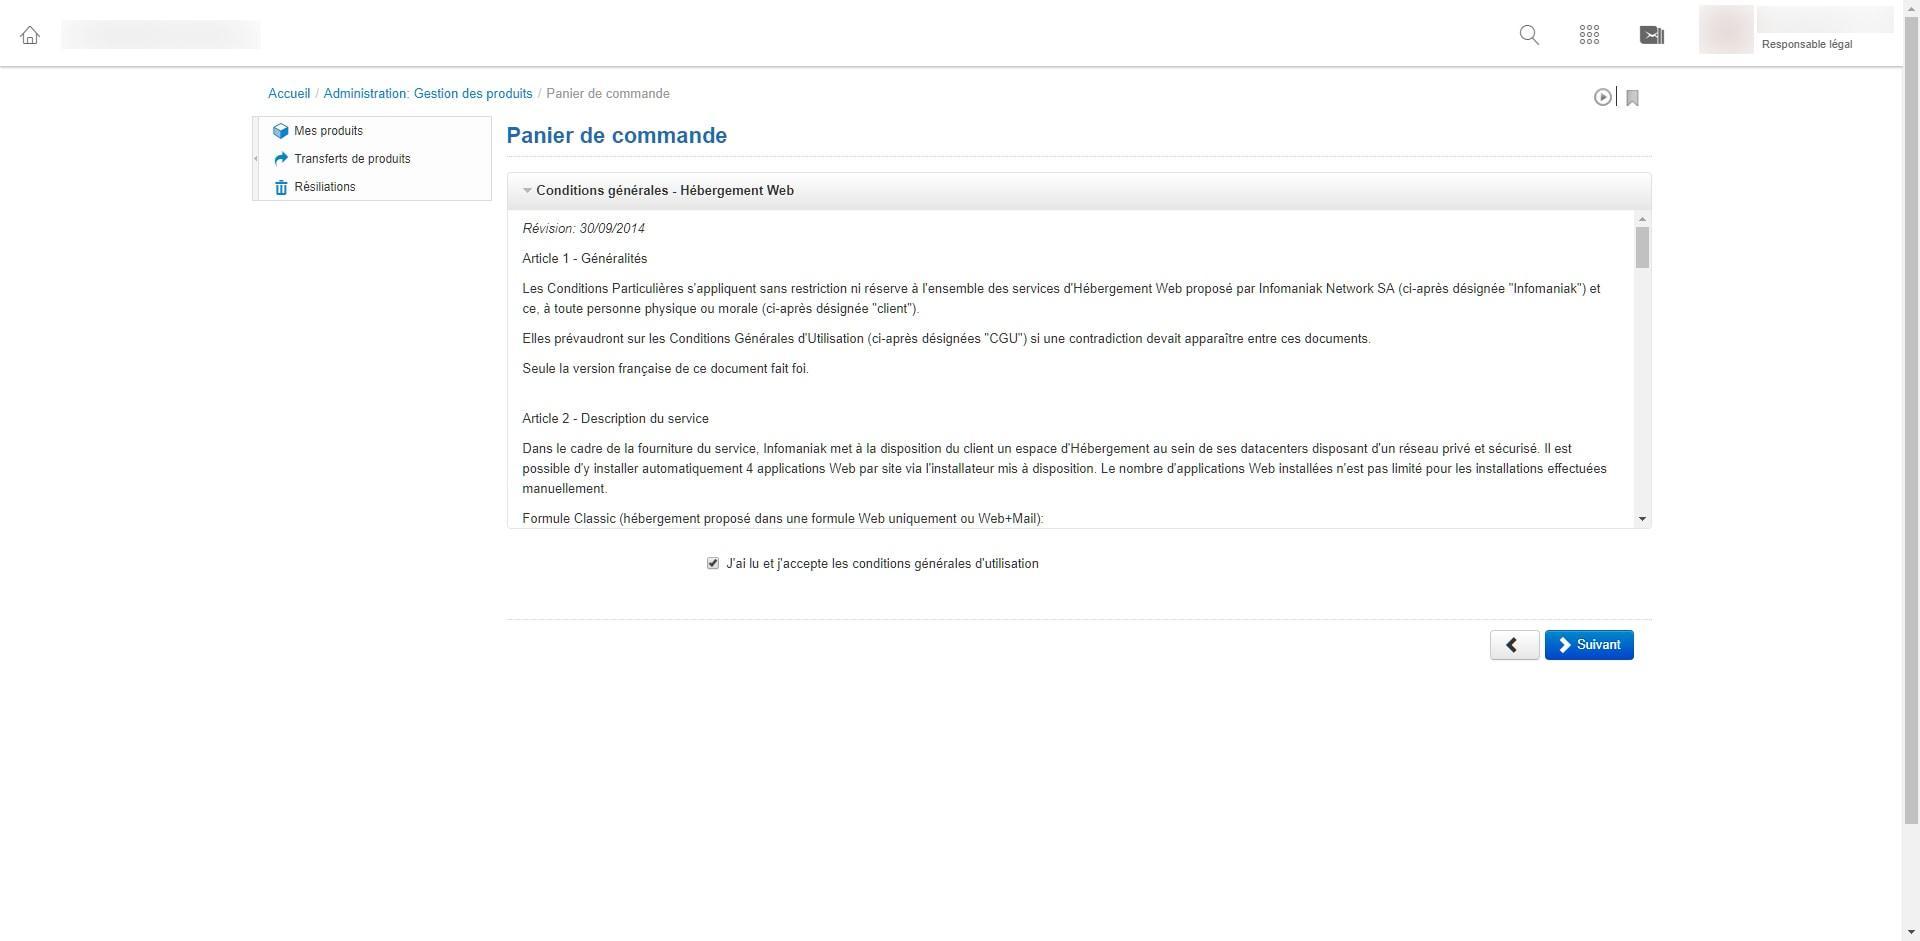 Image tuto pour migrer un hébergement web sur un serveur cloud chez infomaniak 6